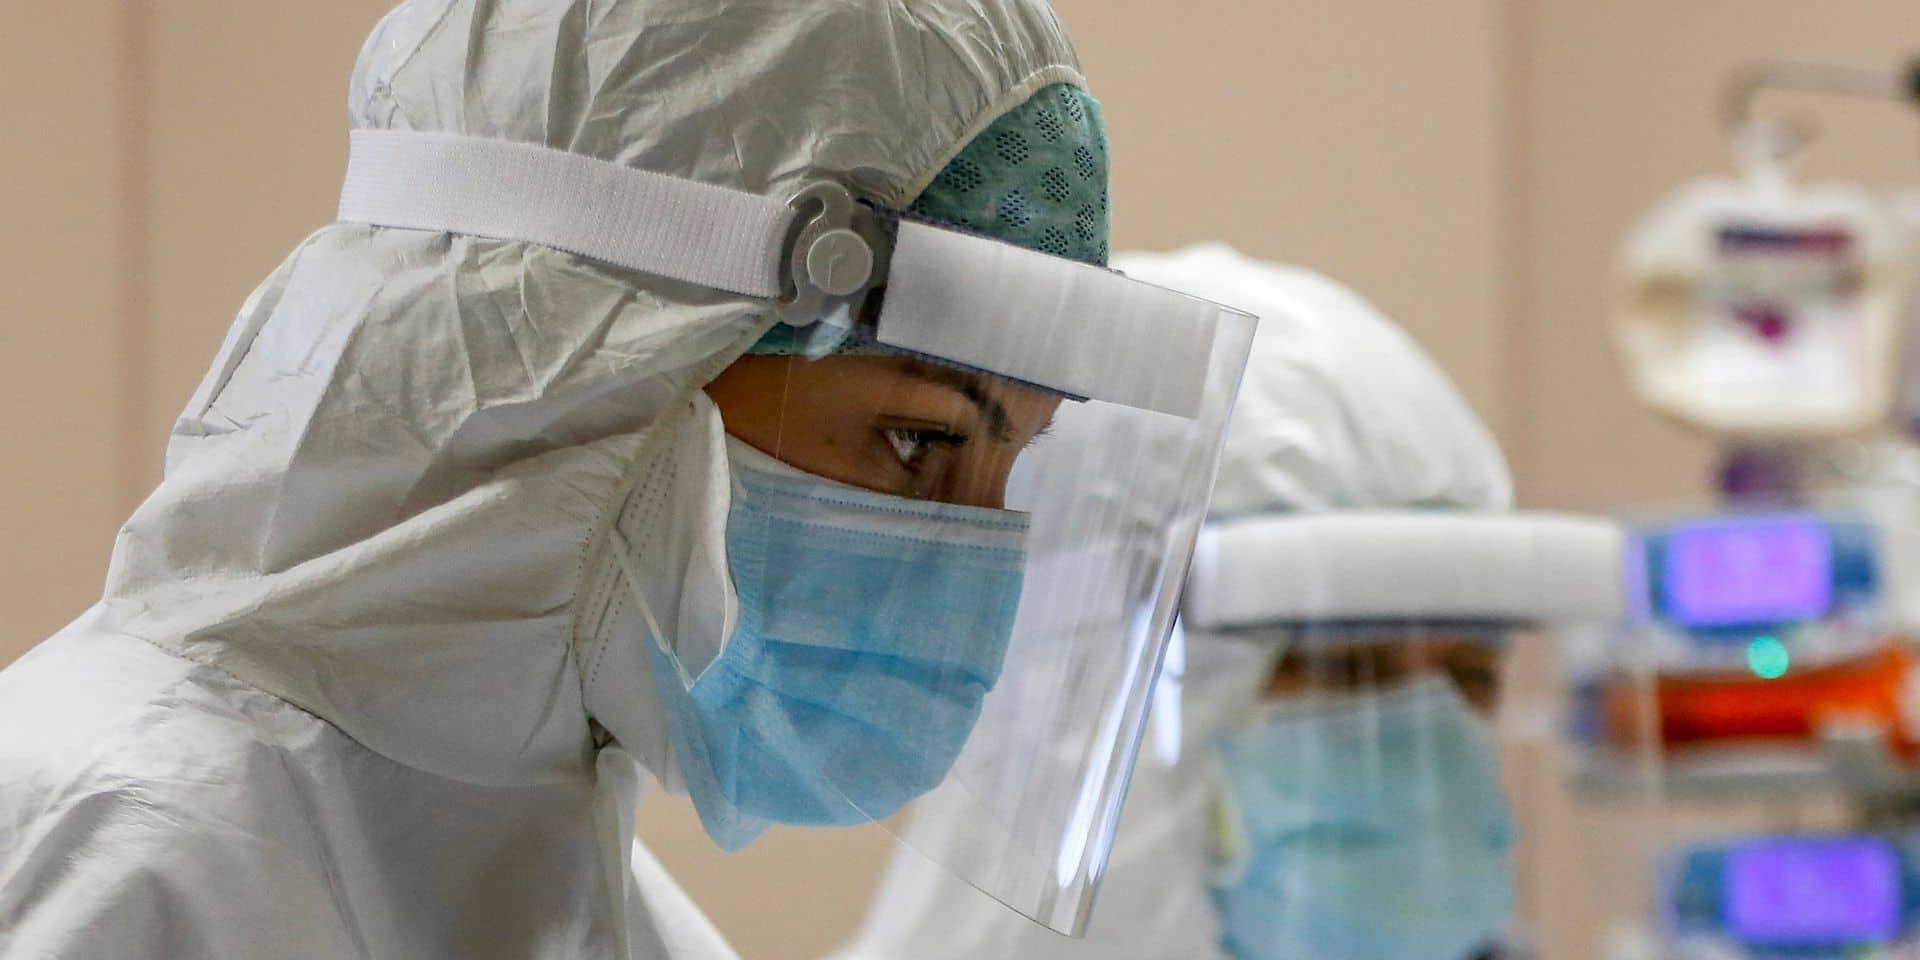 En Italie, 300 soignants saisissent la justice contre l'obligation vaccinale